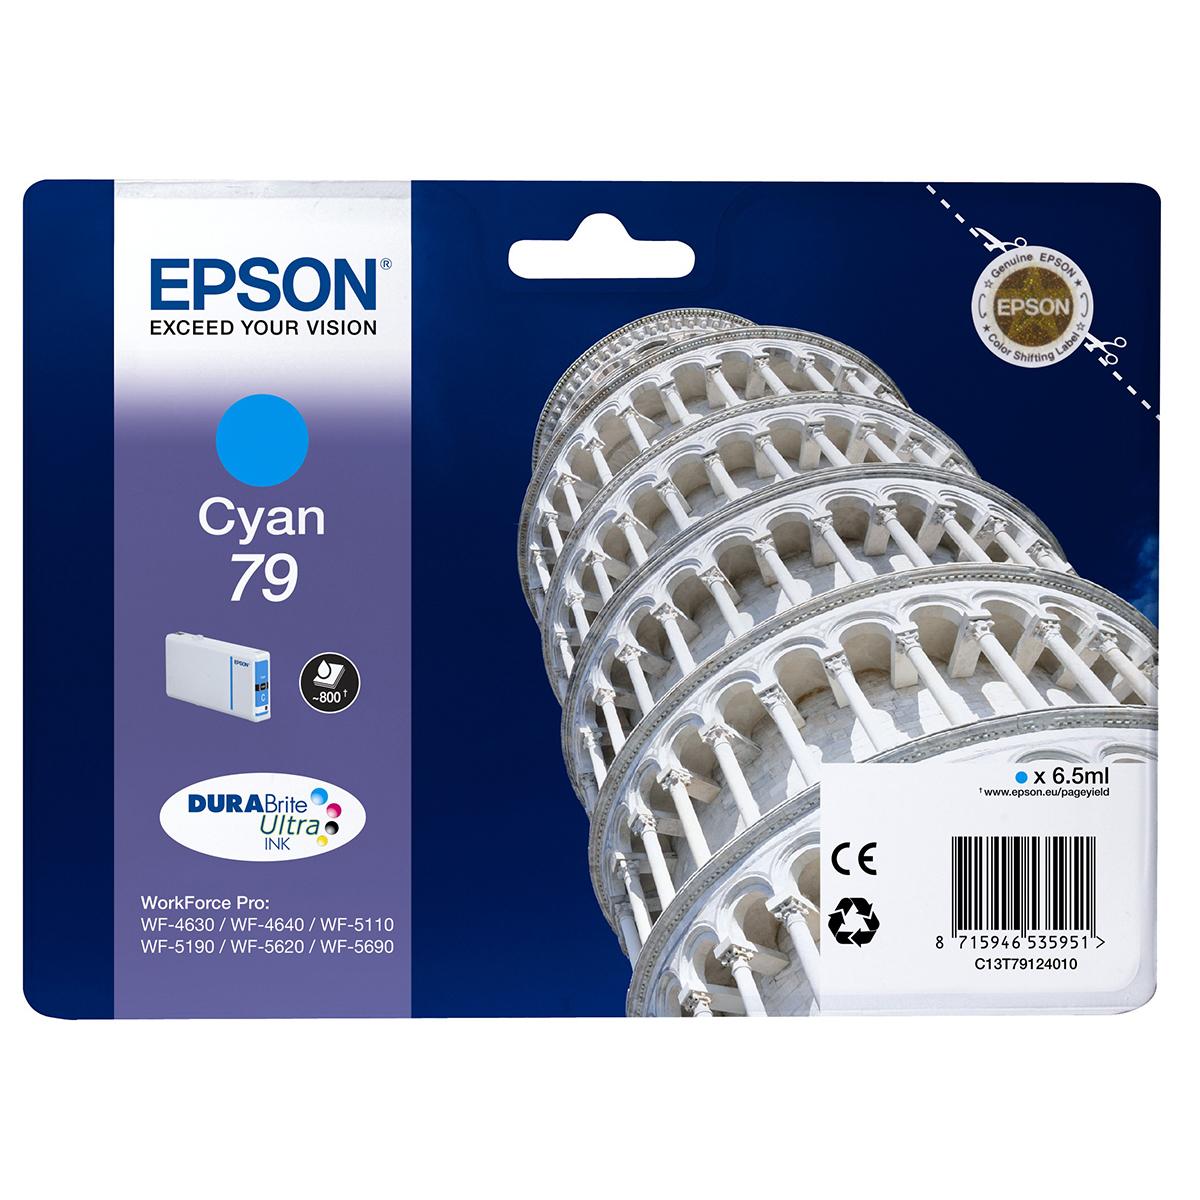 Epson 79 Durabrite Ink Cartridge Cyan